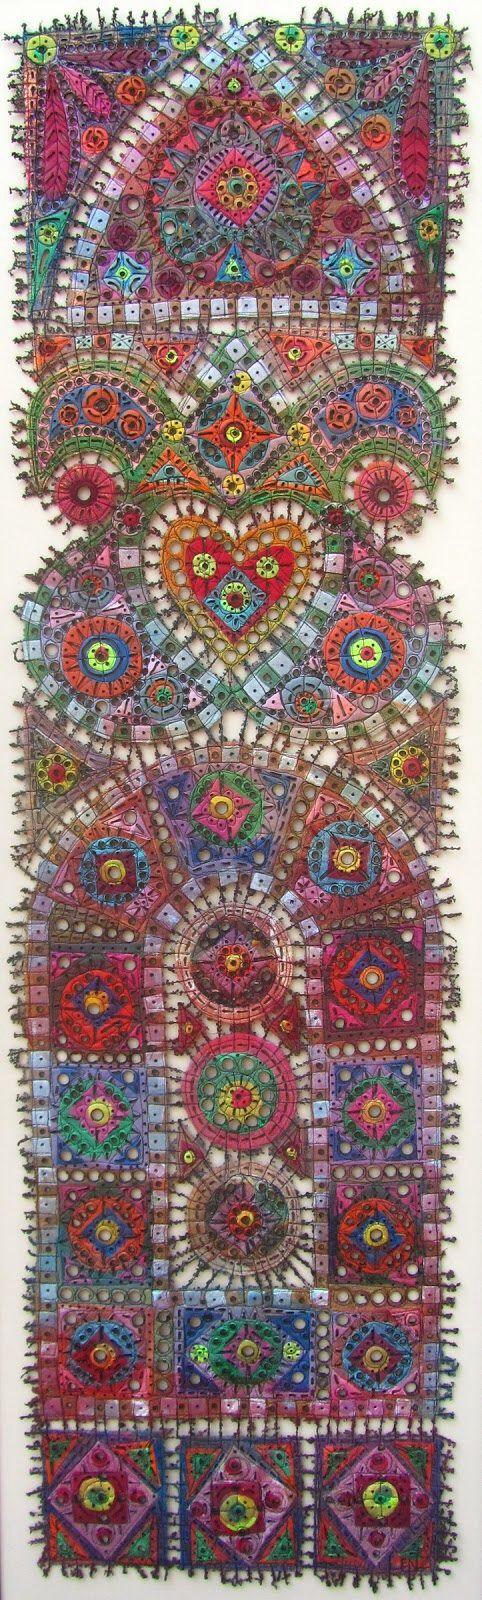 Susan Lenz - stained glass fiber art